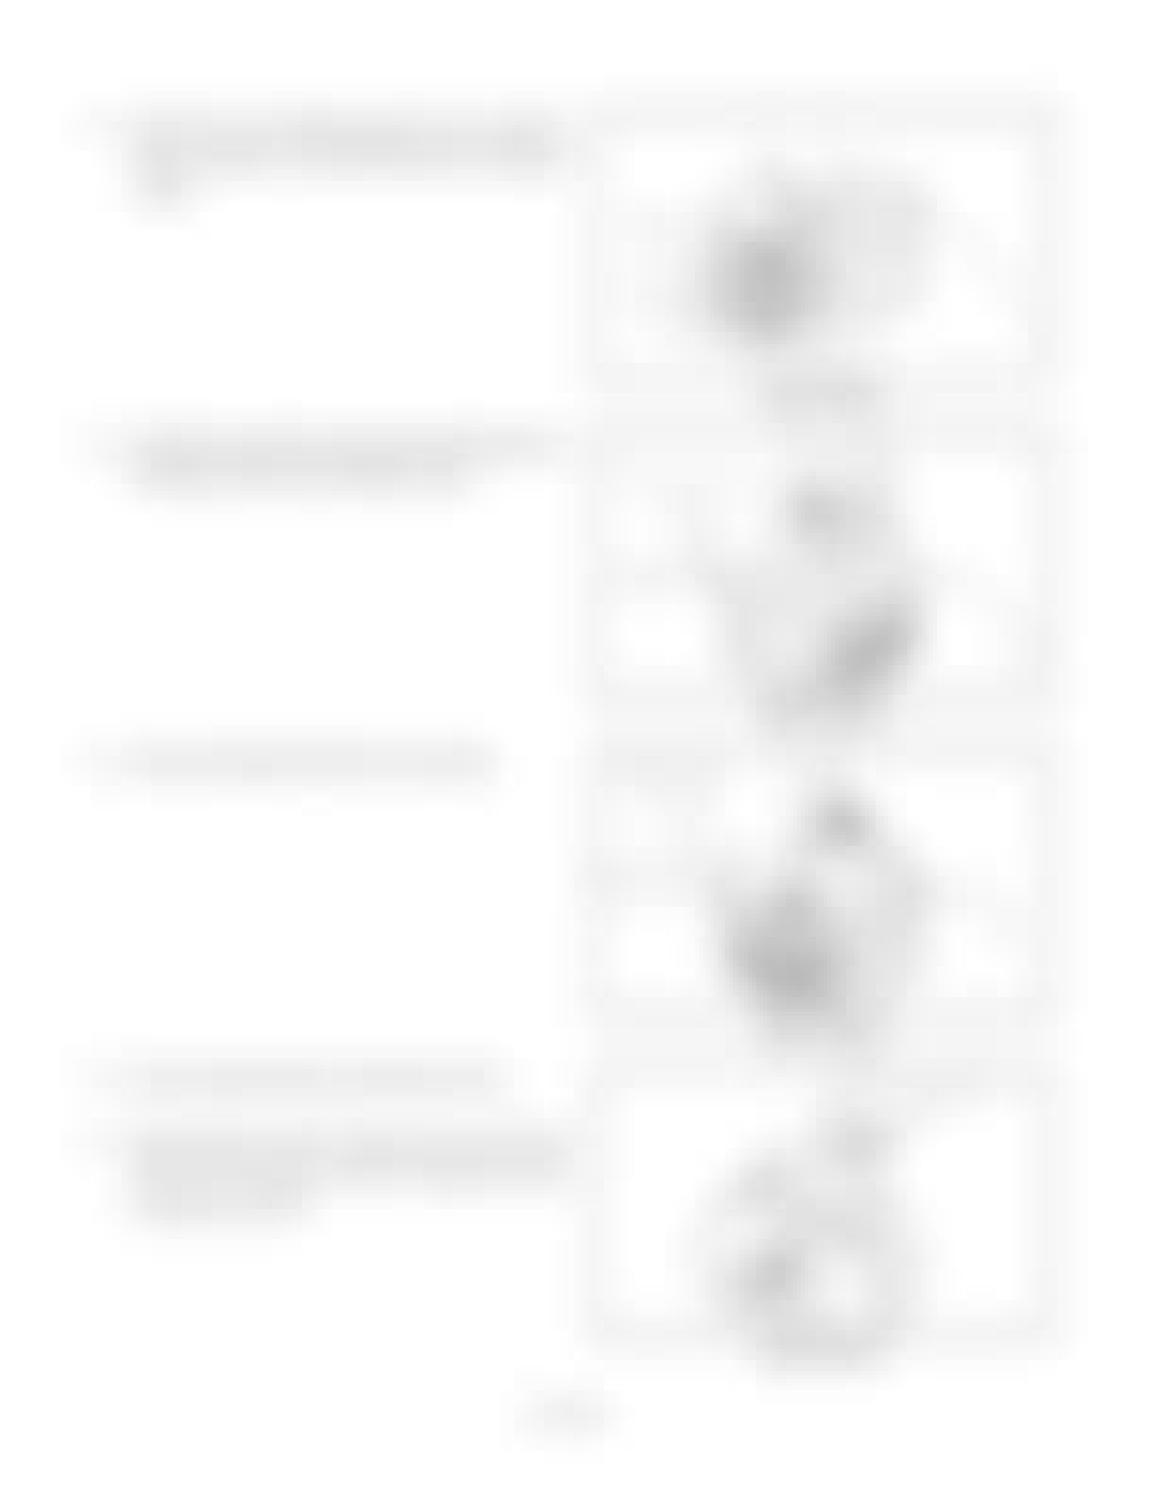 Hitachi LX110-7 LX130-7 LX160-7 LX190-7 LX230-7 Wheel Loader Workshop Manual - PDF DOWNLOAD page 180